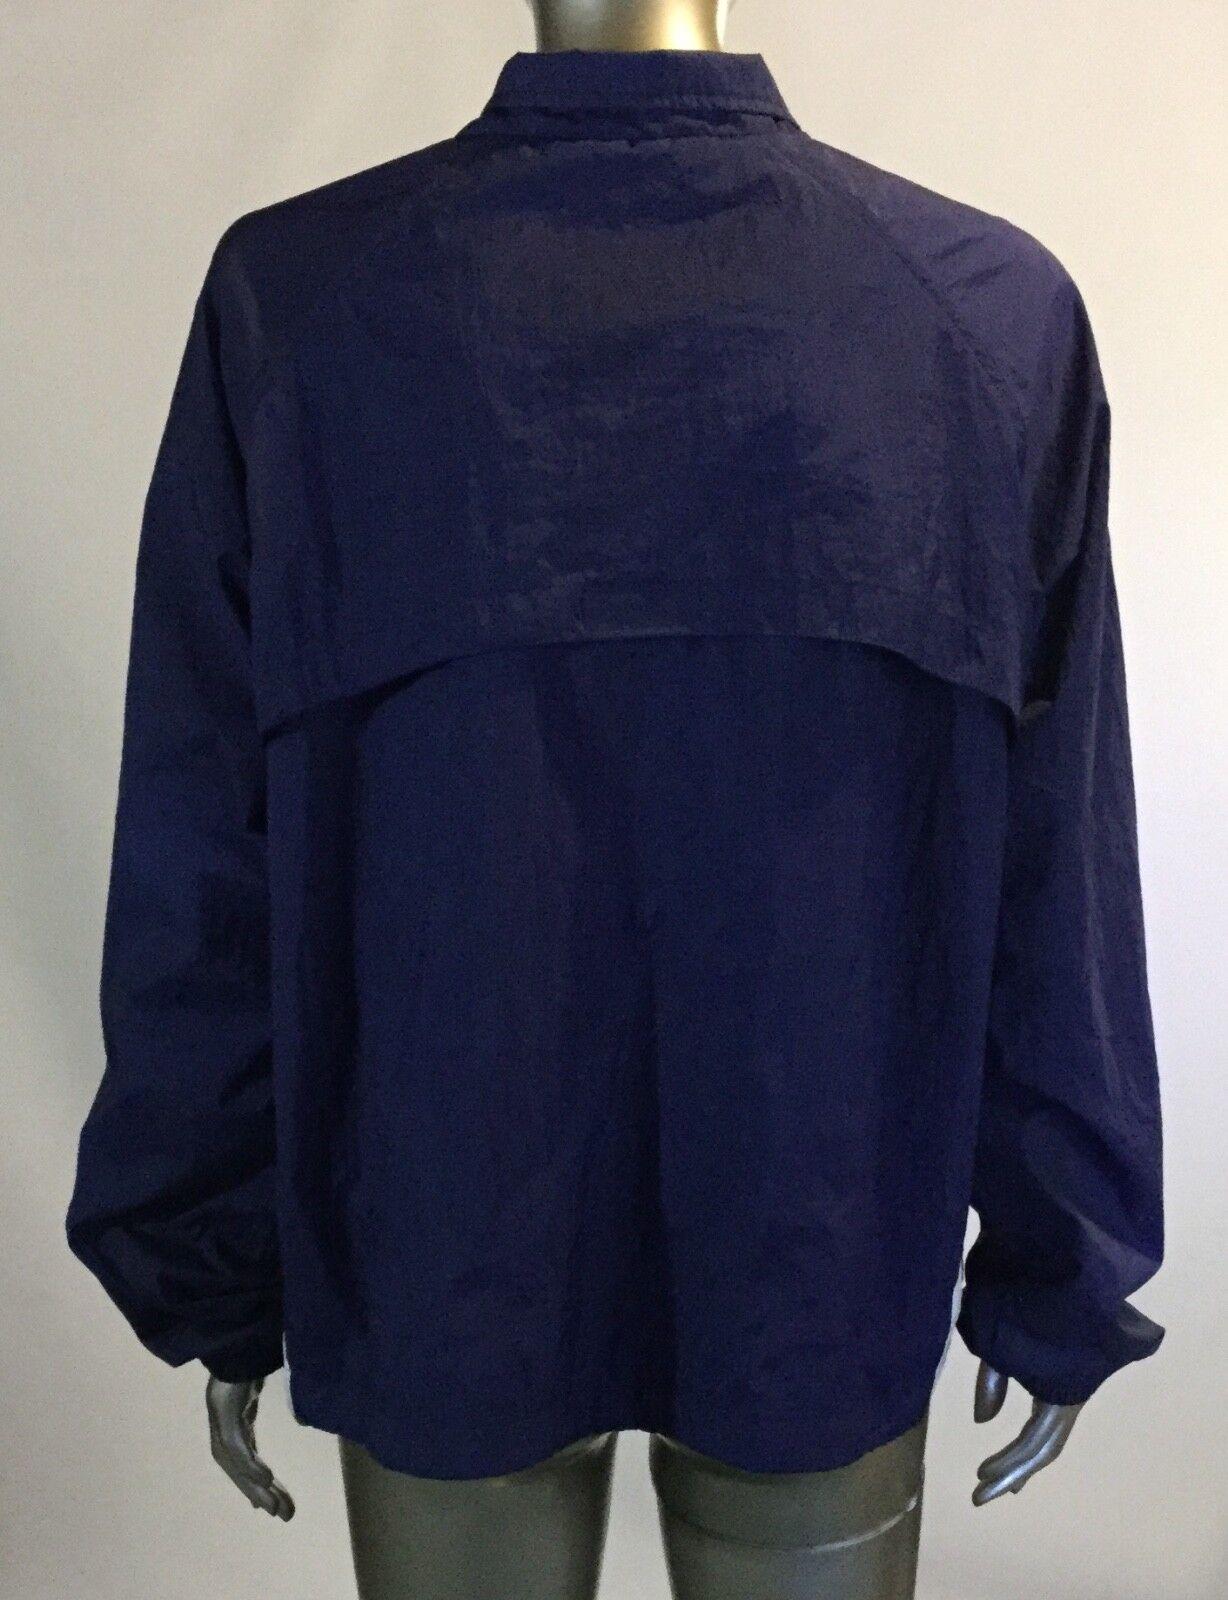 Rayures Adidas Veste 90 Avec Vent Vintage Fermeture Années Coupe nwfxH7t0q